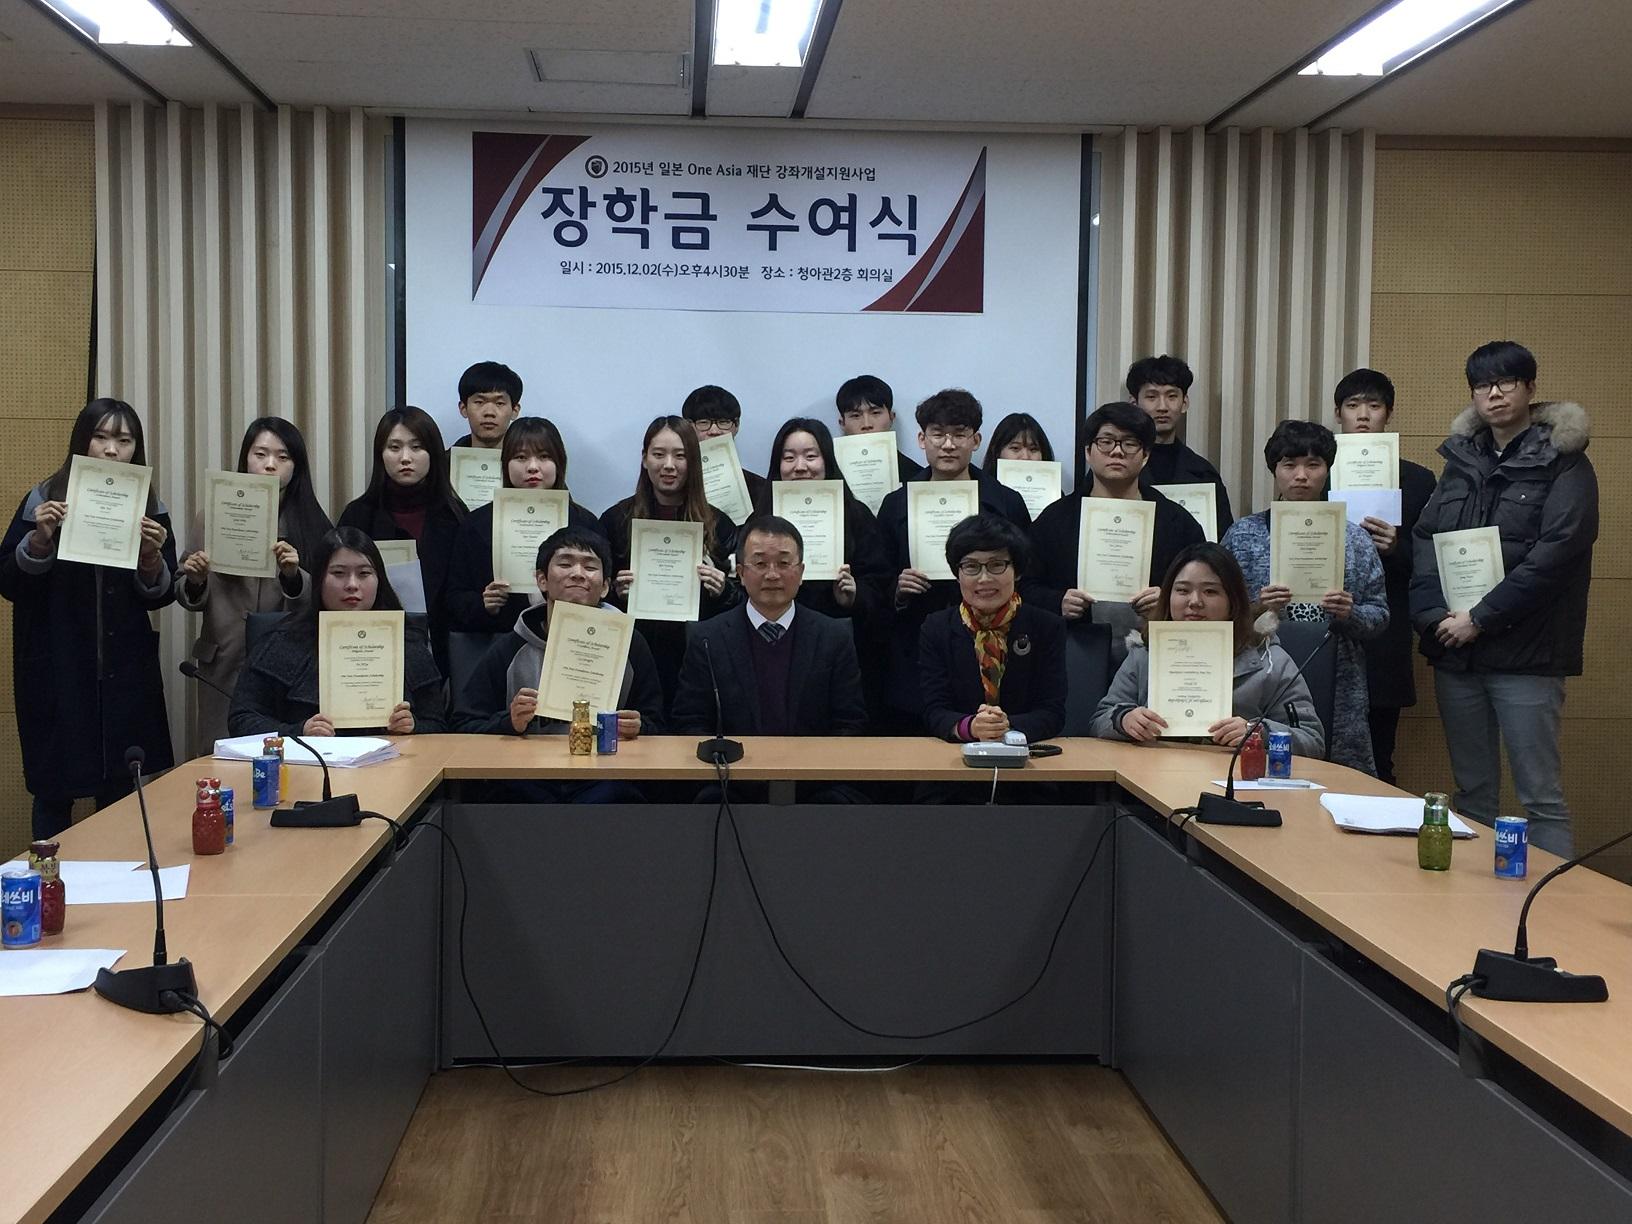 20151202_韓国交通大学②